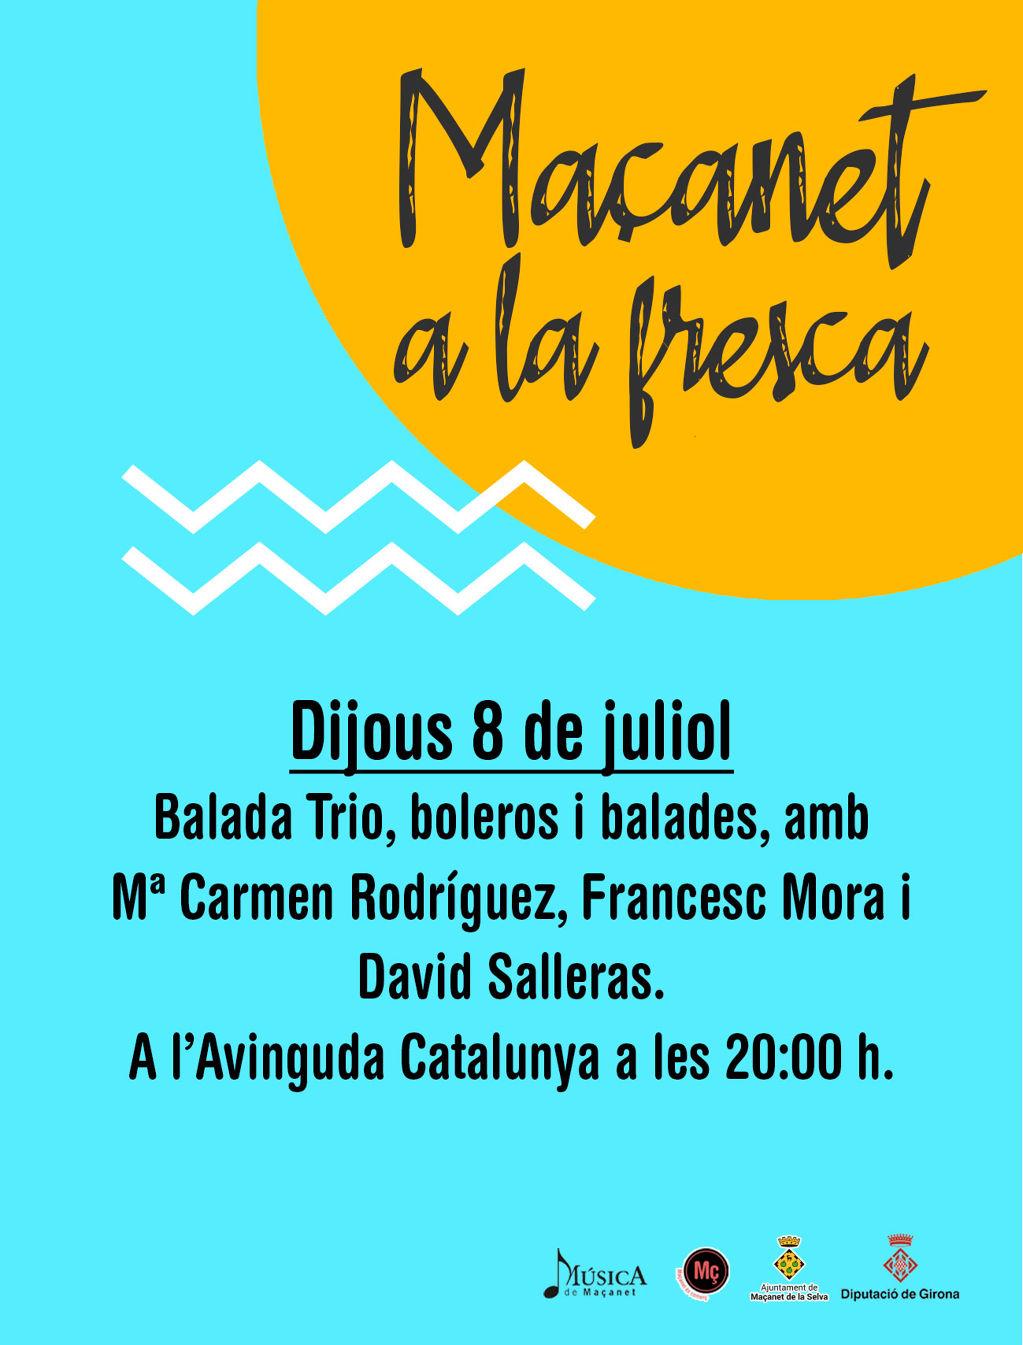 MAÇANET A LA FRESCA: Boleros i Balades - 517a9-8-juliol--1-.jpg